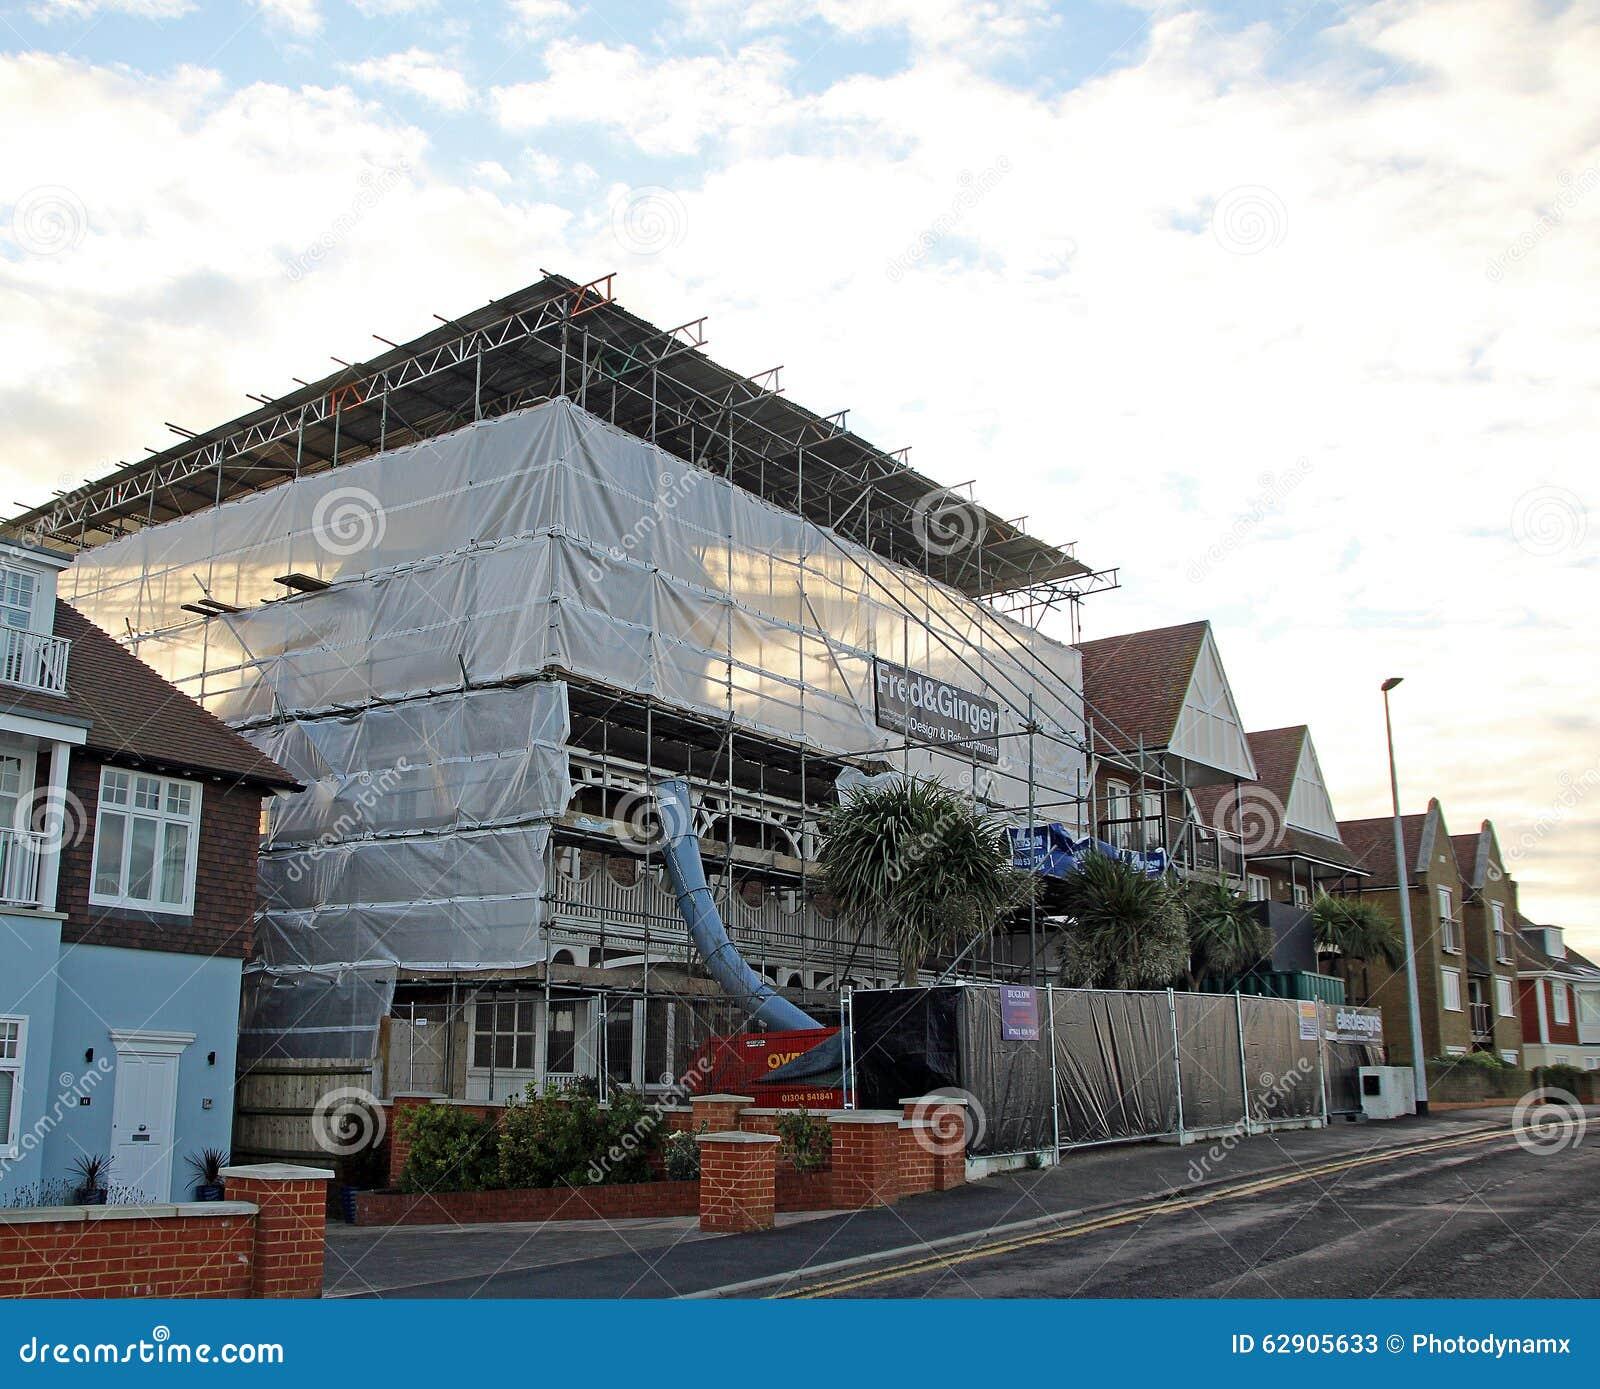 Huis in aanbouw redactionele stock foto afbeelding bestaande uit reparatie 62905633 - Foto huis in l ...